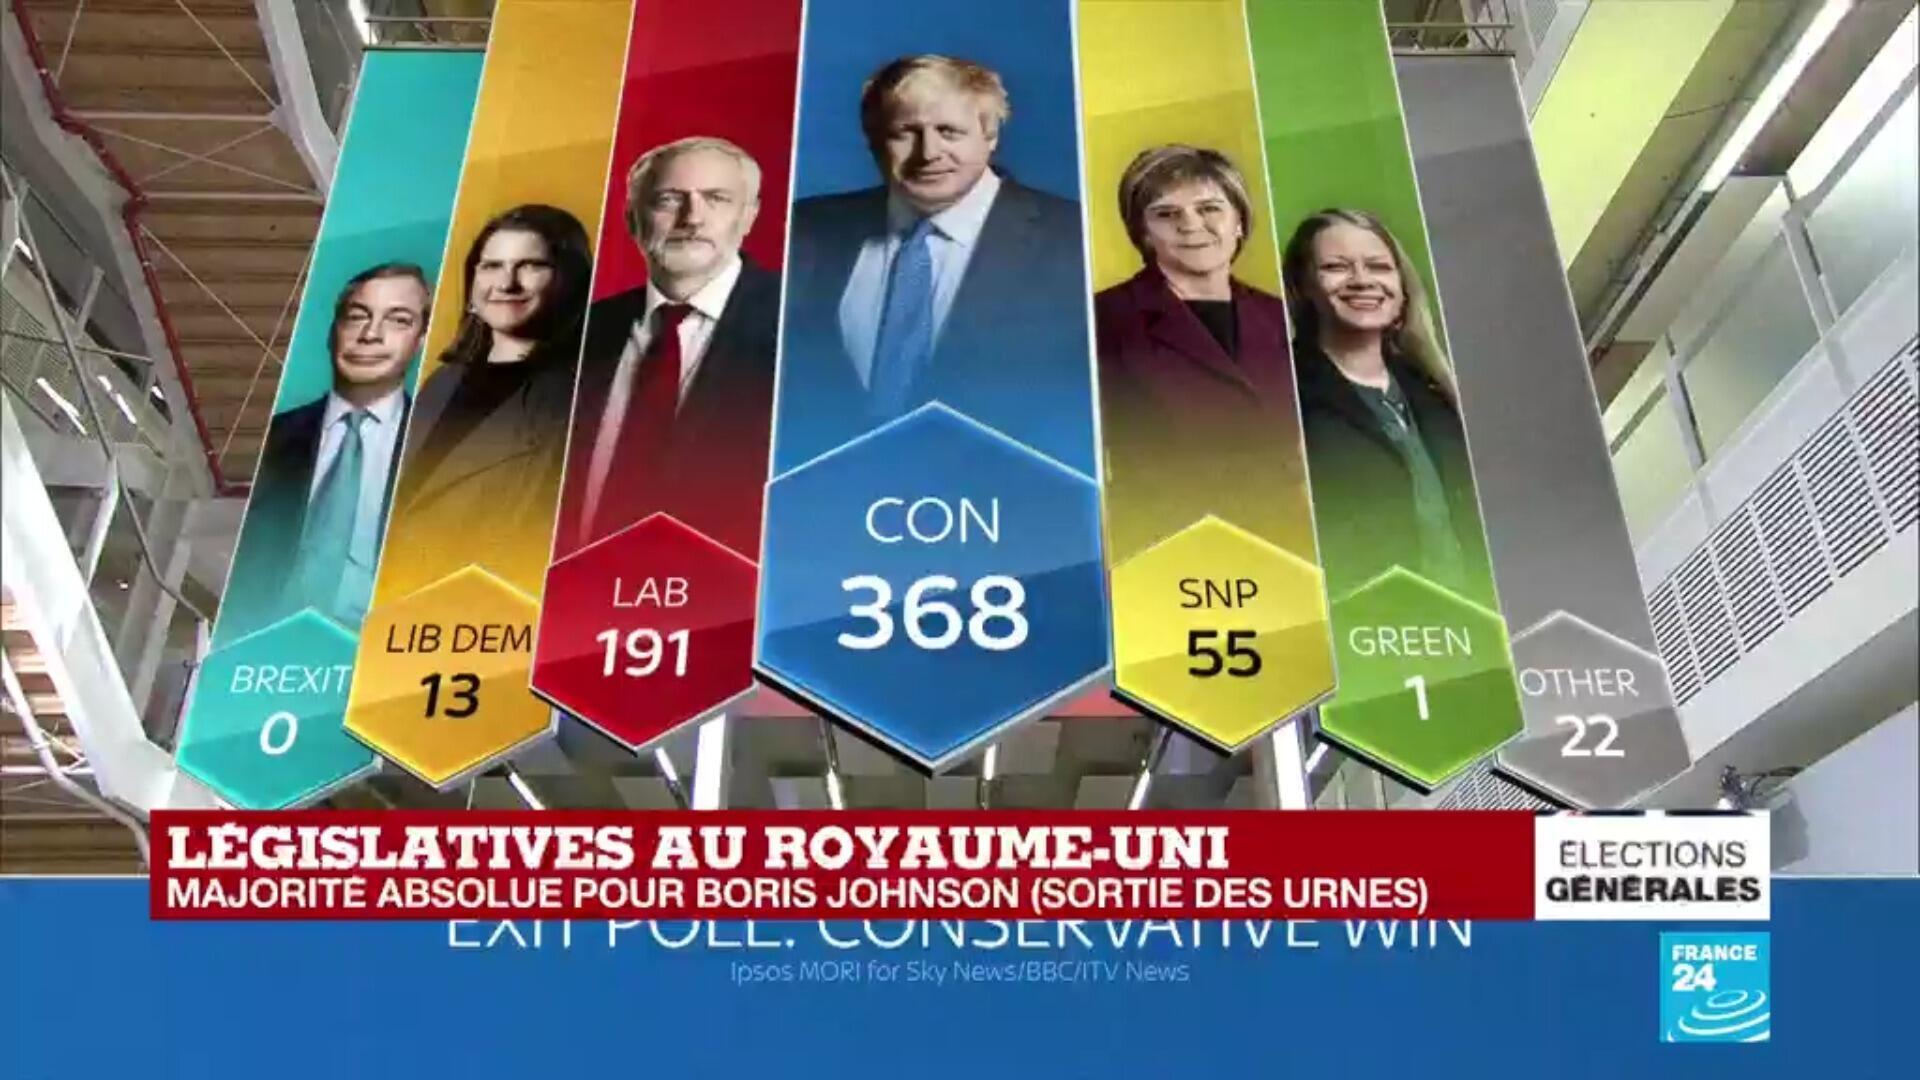 Législatives au Royaume-Uni : les conservateurs de Boris Johnson crédités d'une large majorité